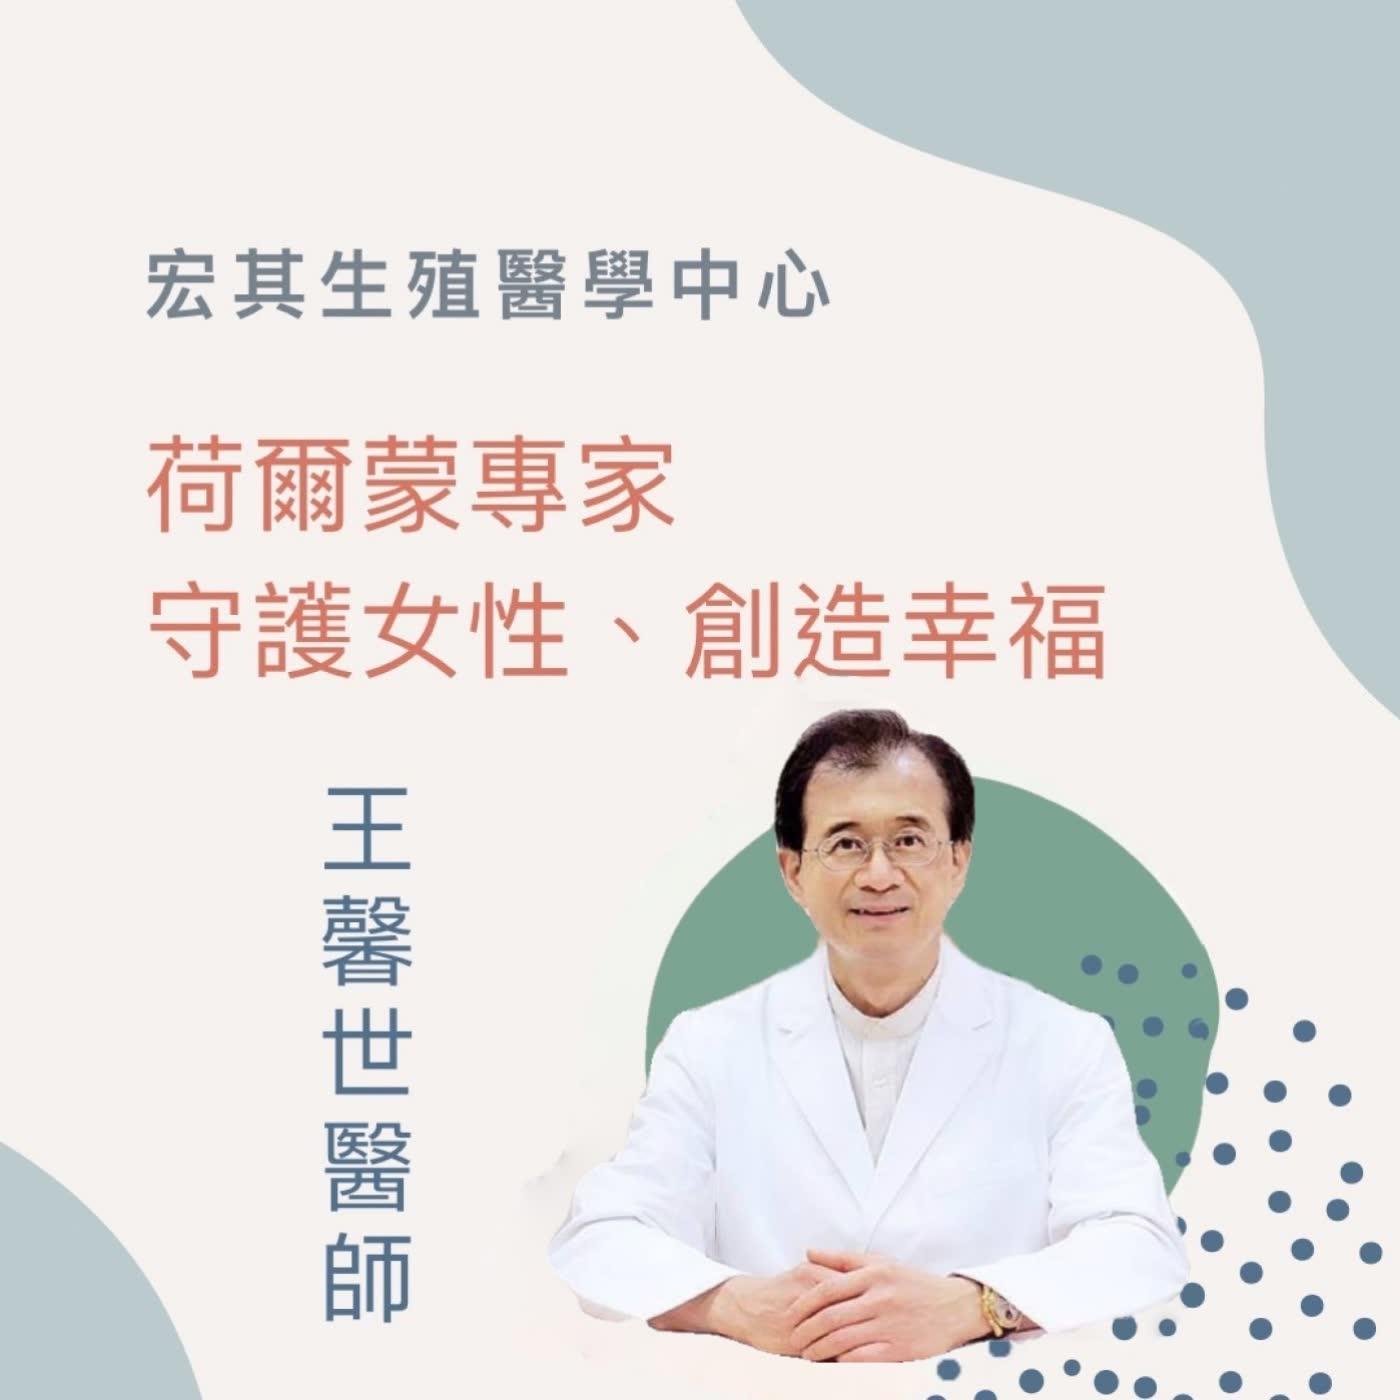 王馨世教授-荷小姐的生育之路       (女性生殖及荷爾蒙)